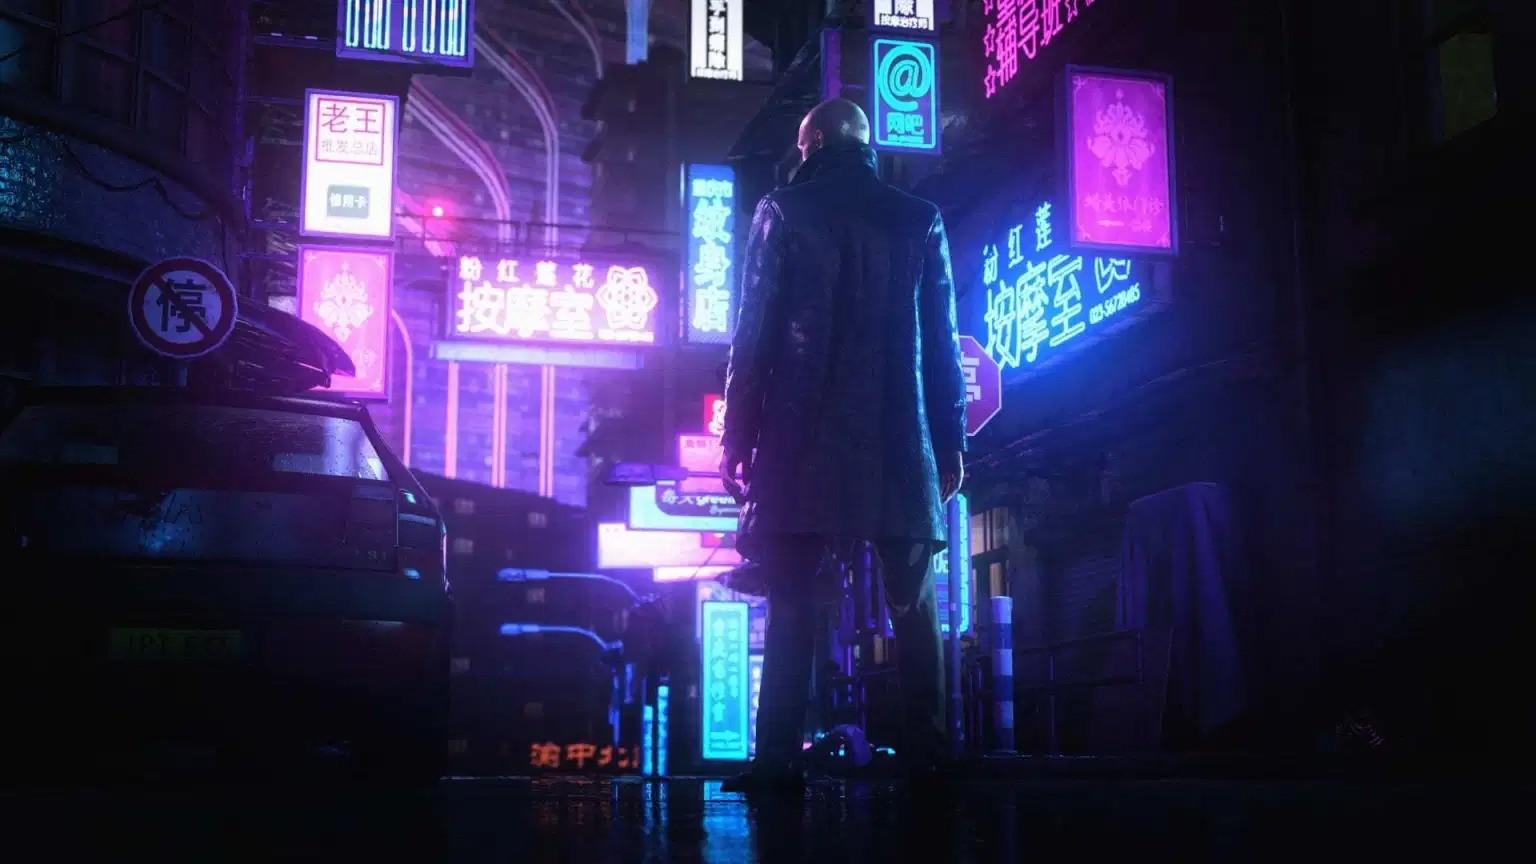 《杀手3》开发商:新作销量上要比前作多300%